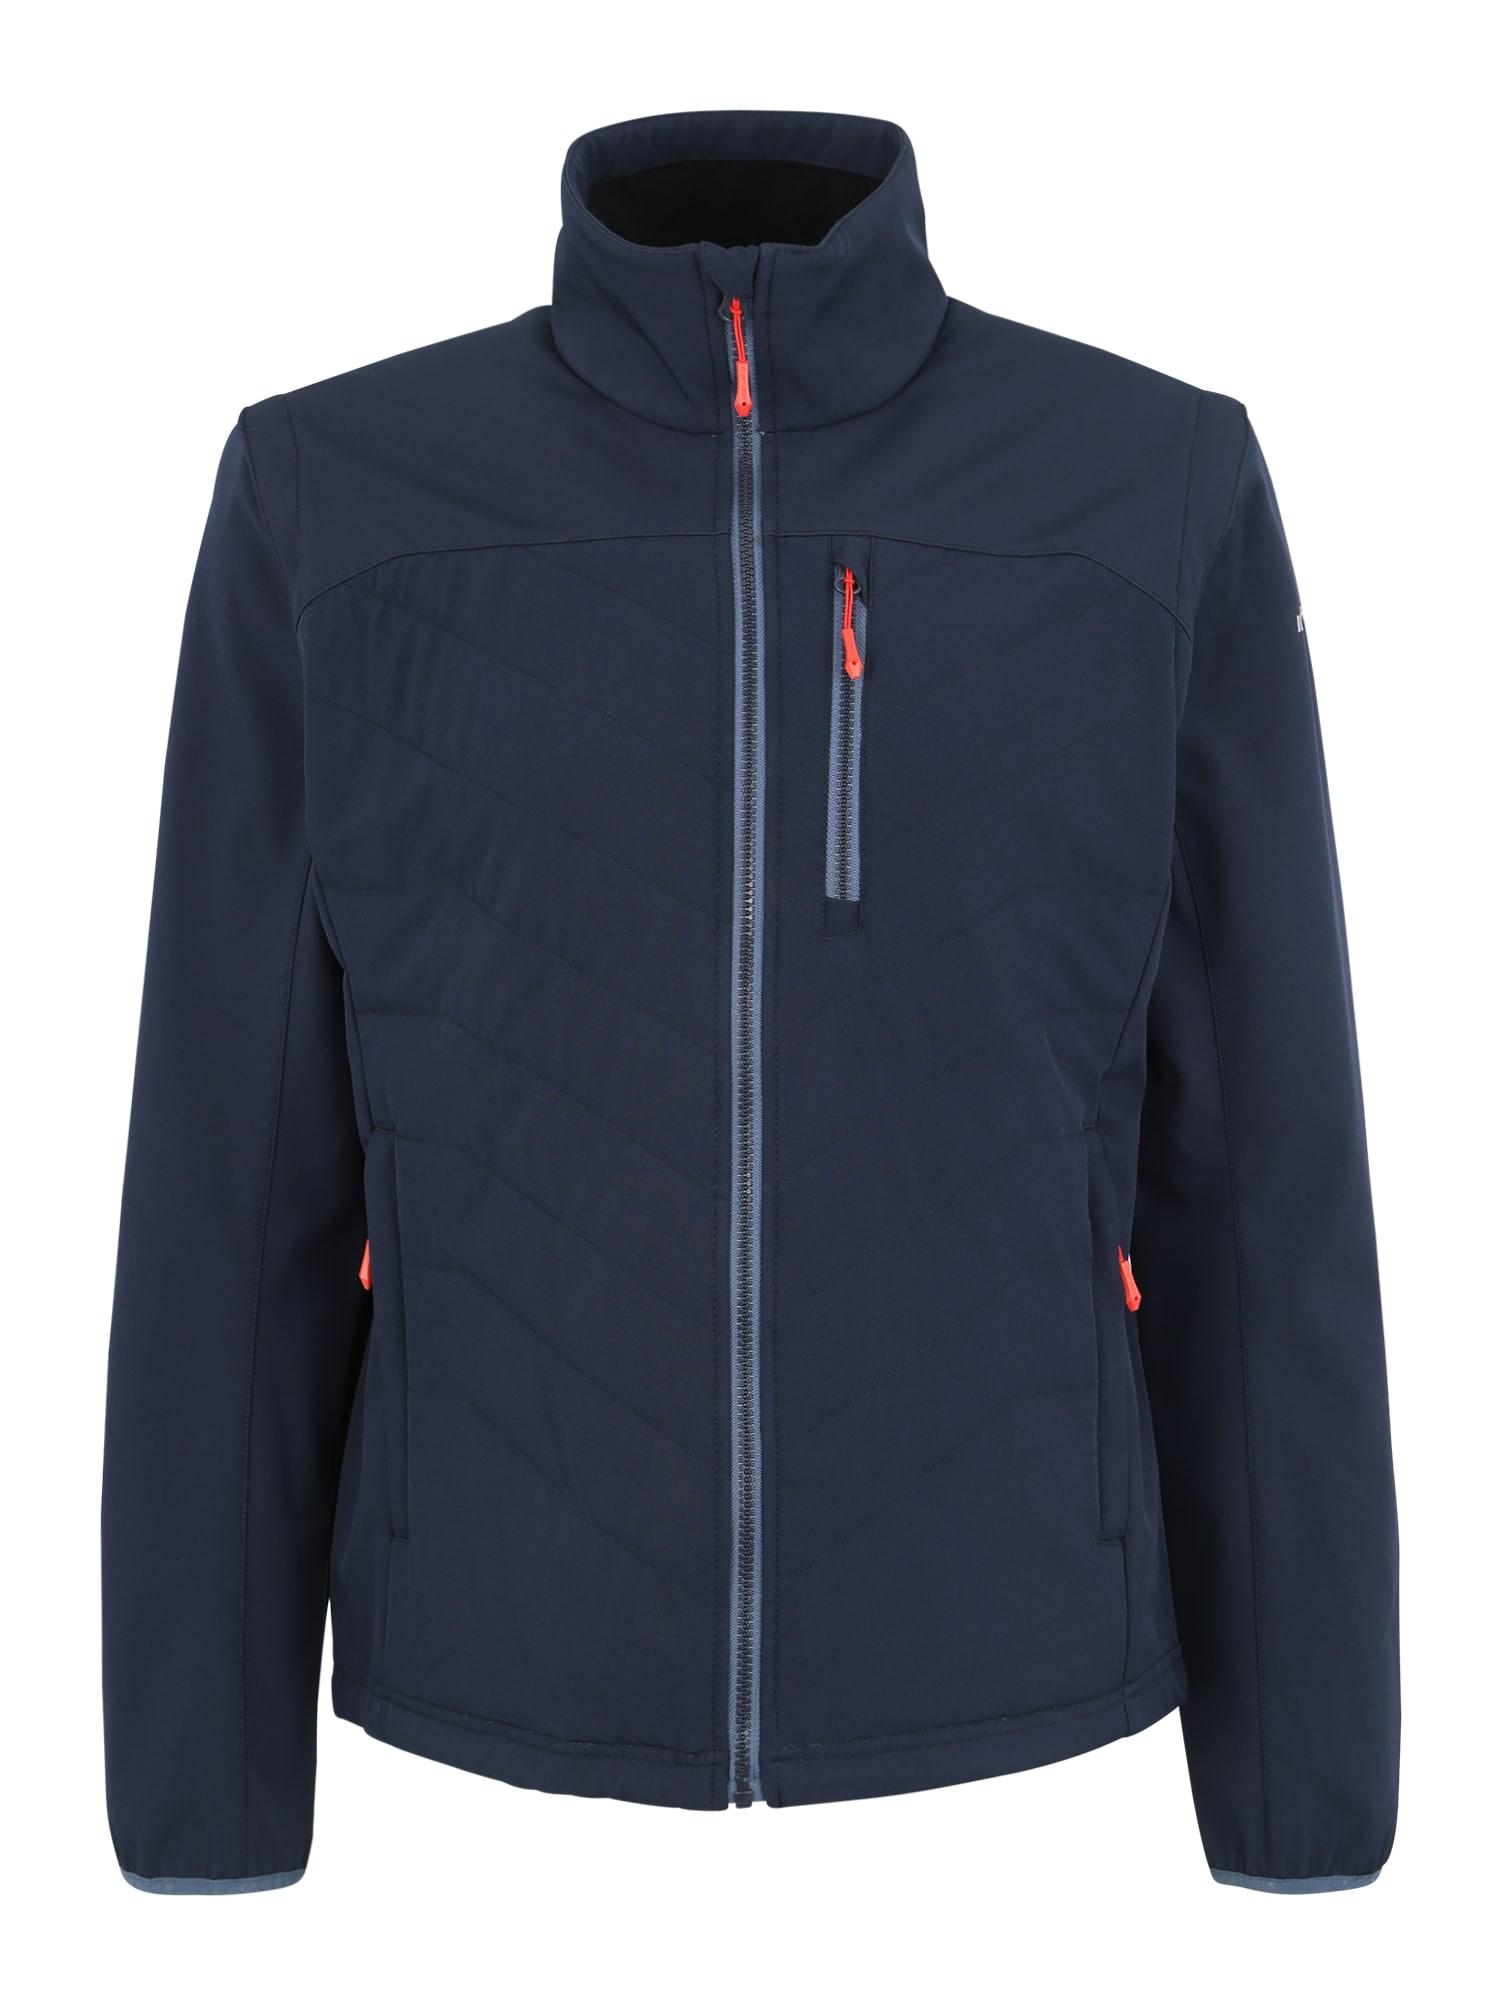 Outdoorová bunda Salus námořnická modř ICEPEAK